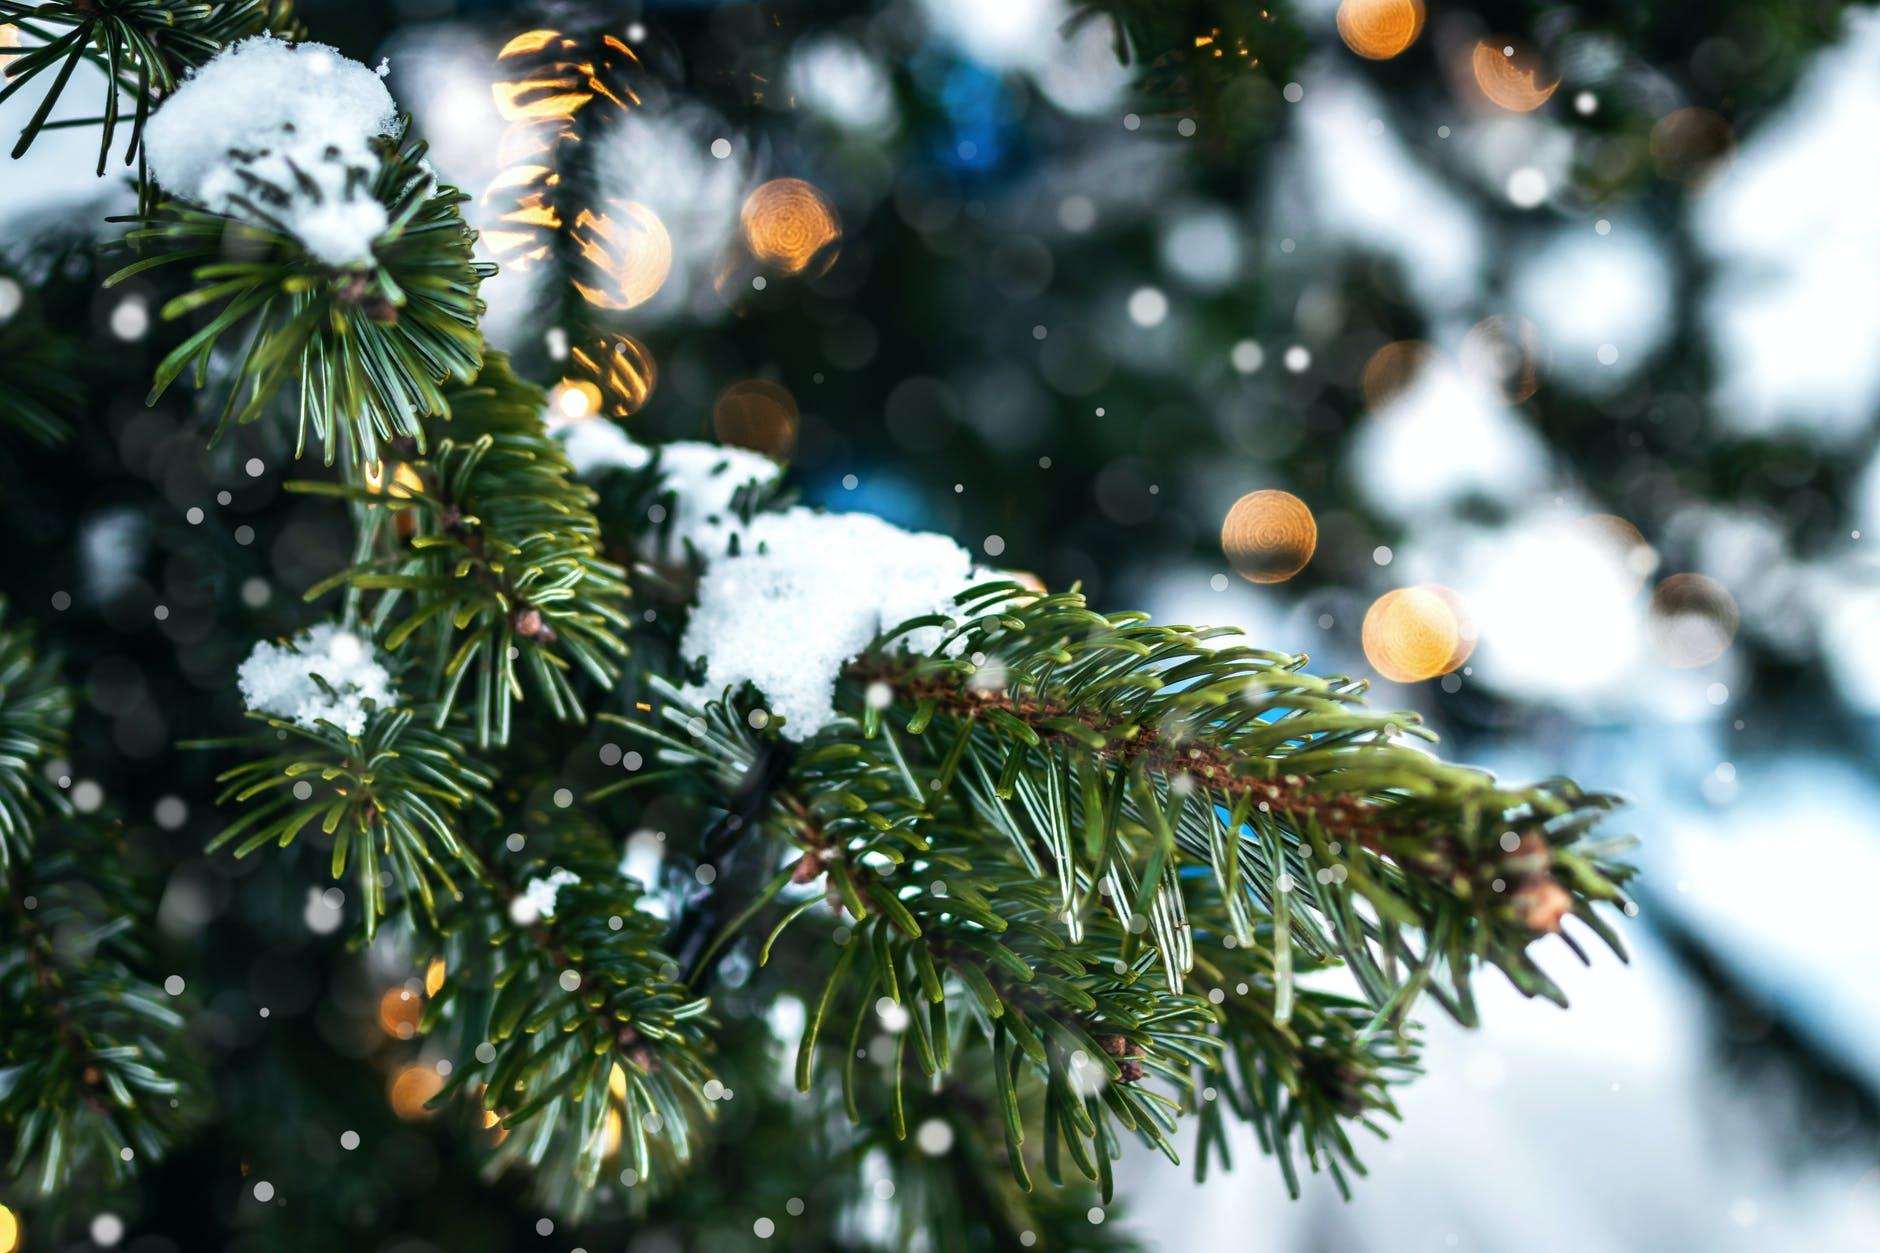 Сьогодні на Черкащині прогнозують хмарну погоду з дощем та снігом